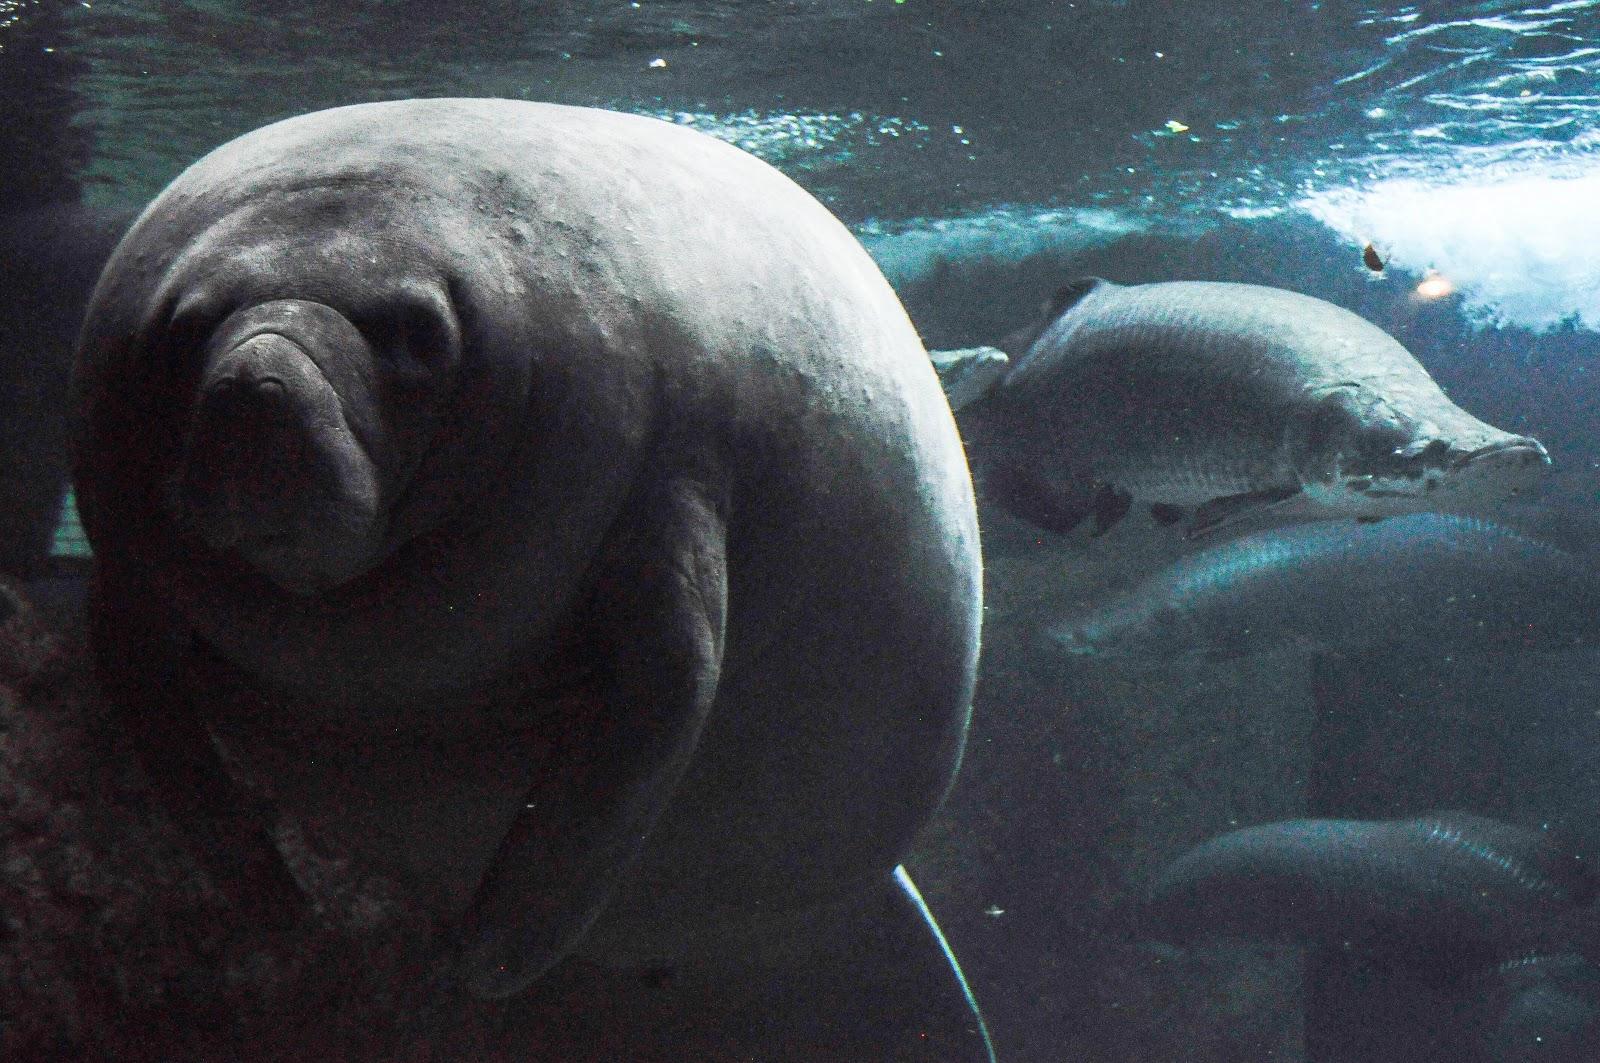 Laura krueger photography dallas world aquarium Manatee aquarium